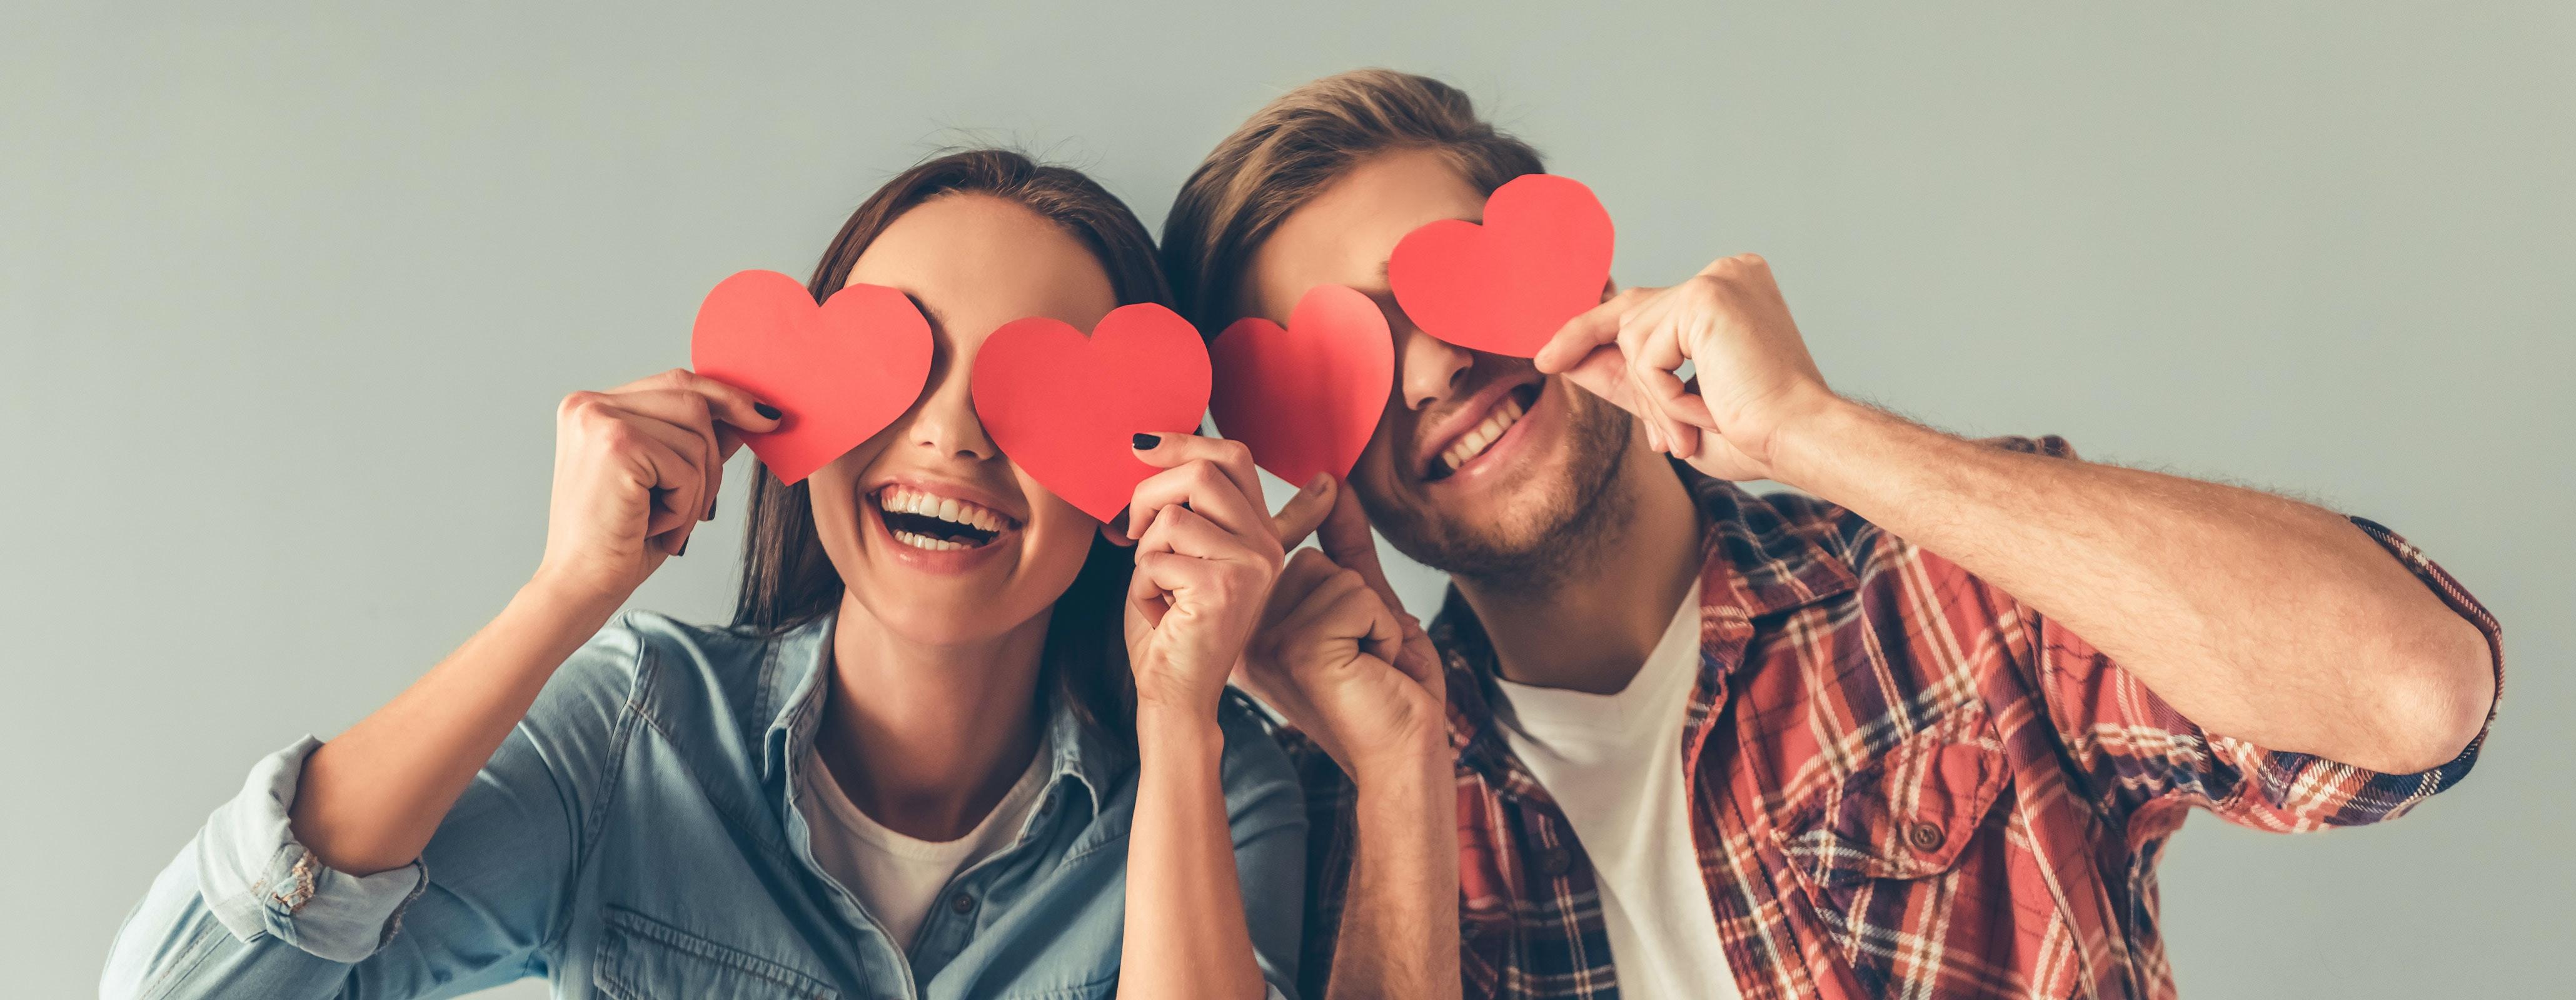 Man en vrouw met hartjes voor ogen